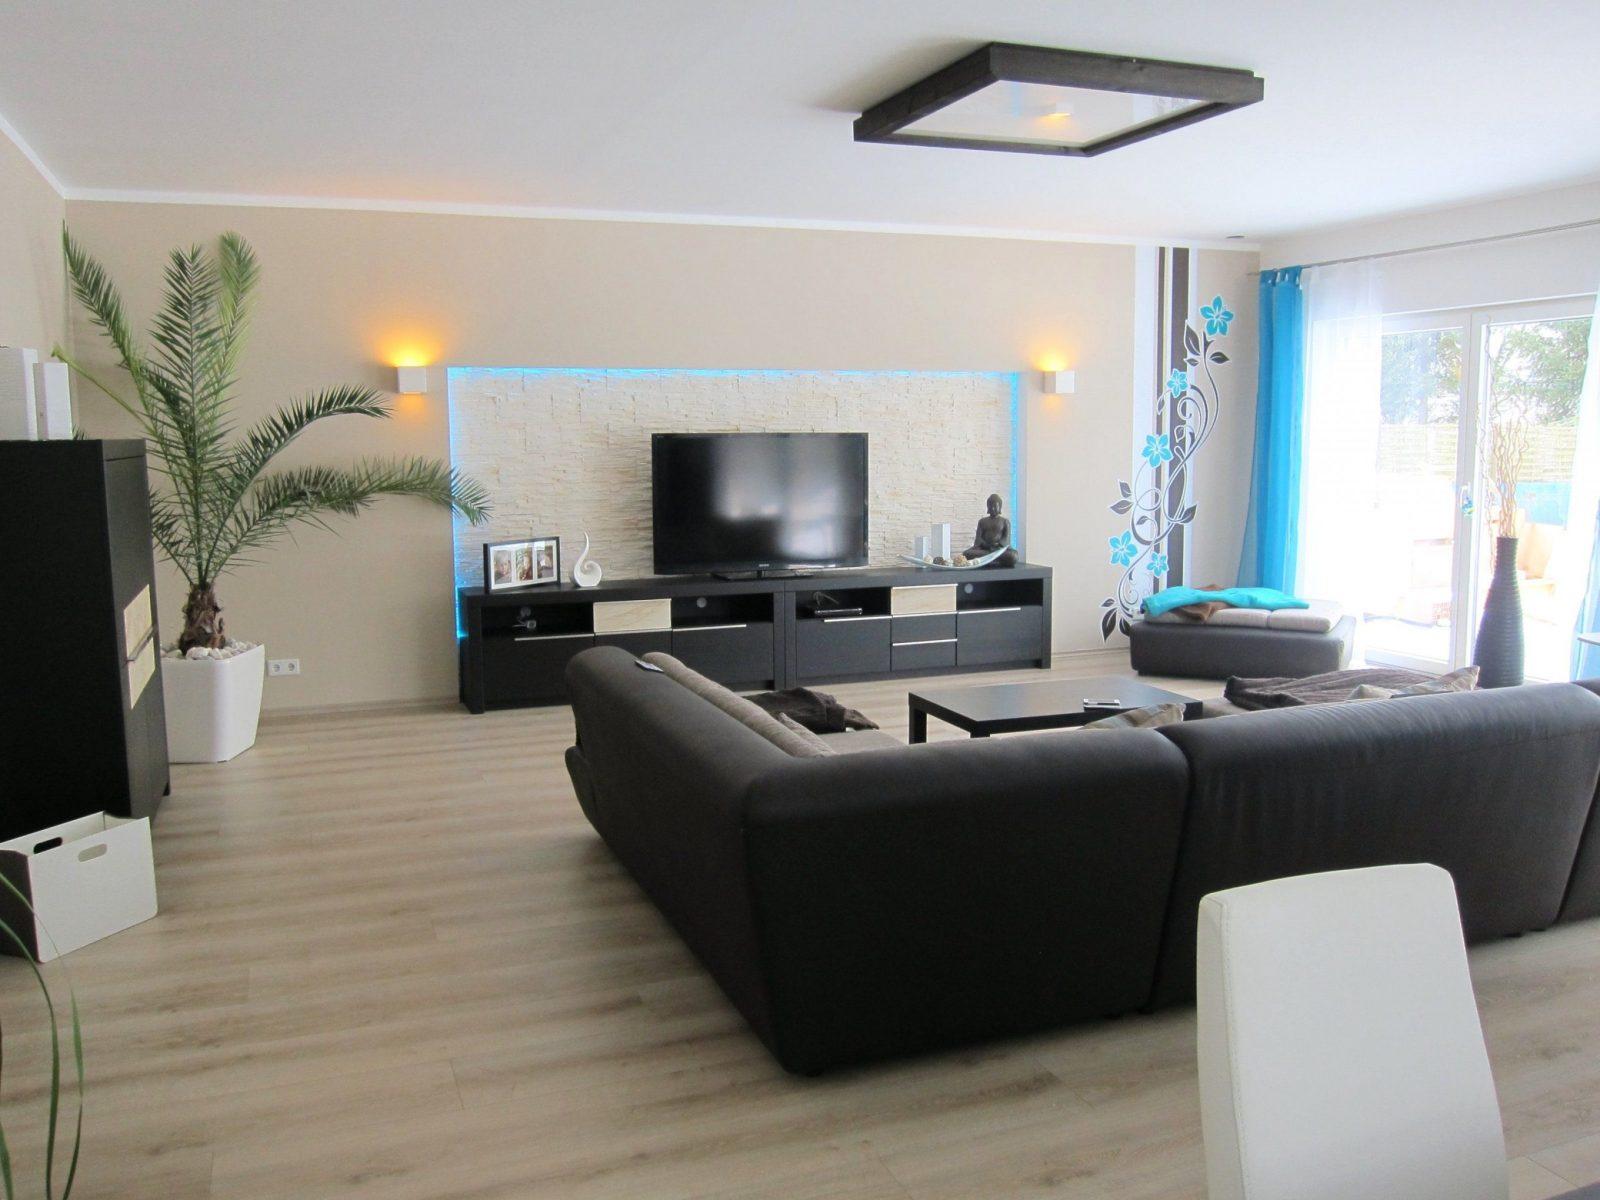 Verbluffend Wandgestaltung Wohn Essbereich Im Kleinen Wohnzimmer von Modernes Wohnzimmer Mit Essbereich Photo